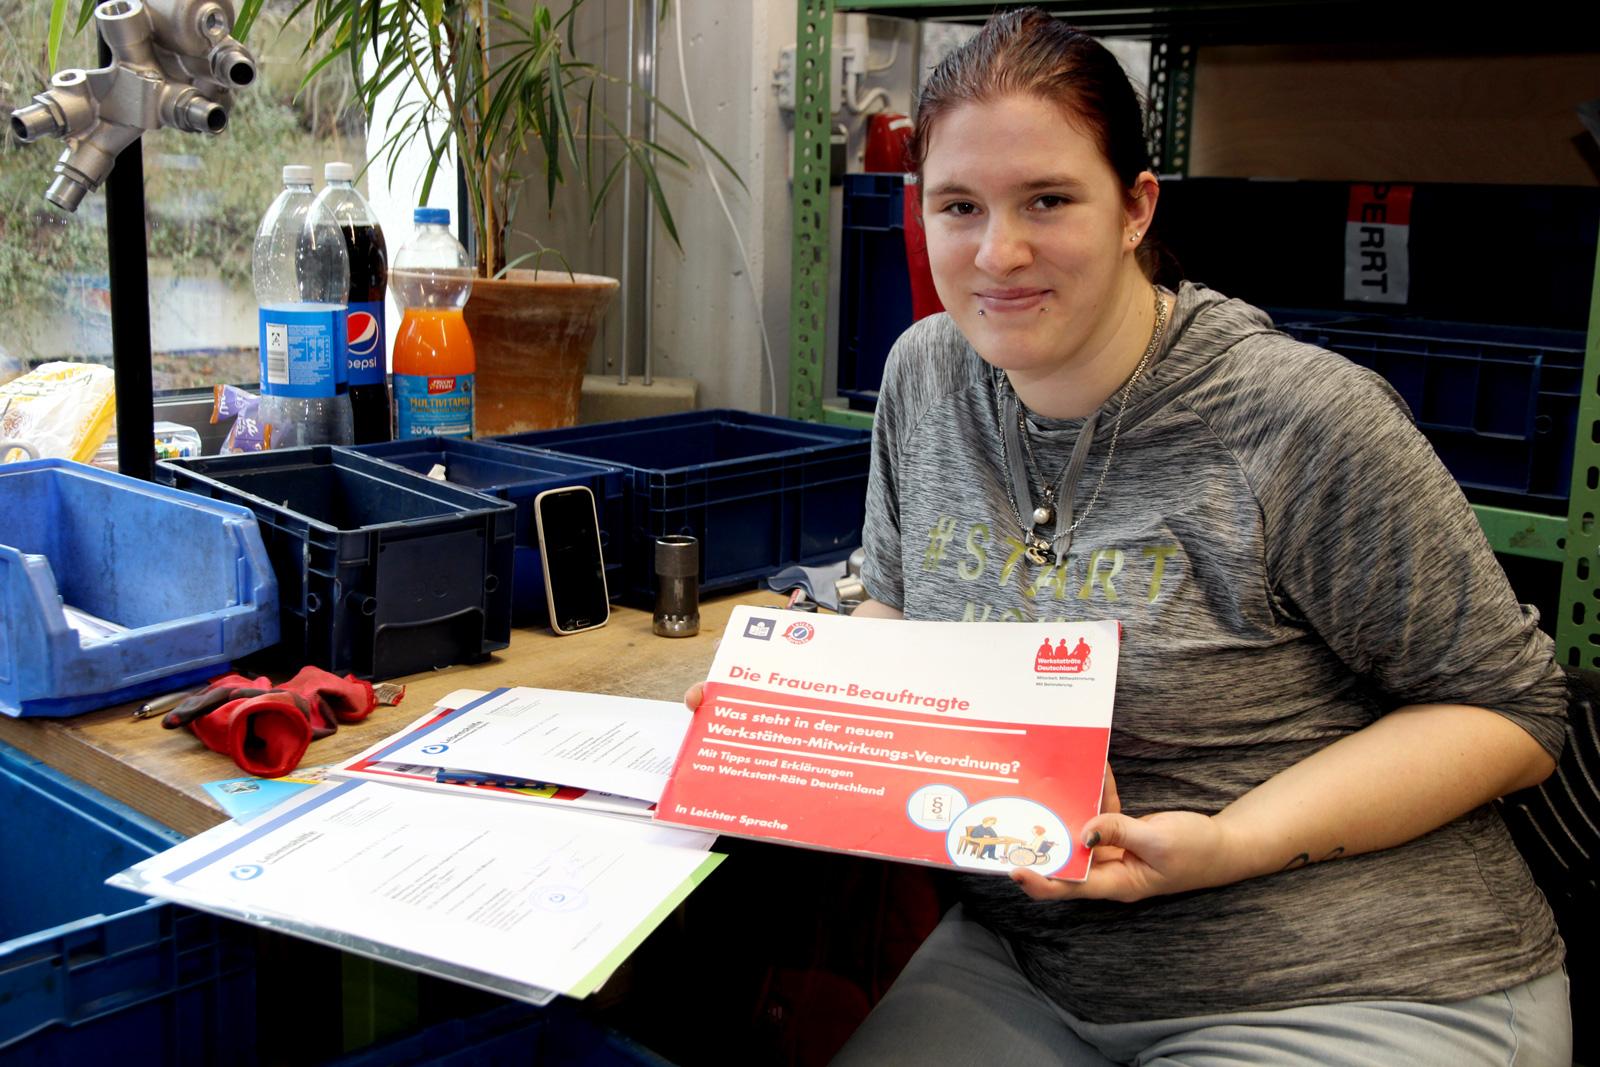 Seit rund einhundert Tagen im Amt: Lydia Stähle, stellvertr. Werkstattratsvorsitzende und Frauenbeauftragte in den Moritzberg-Werkstätten.